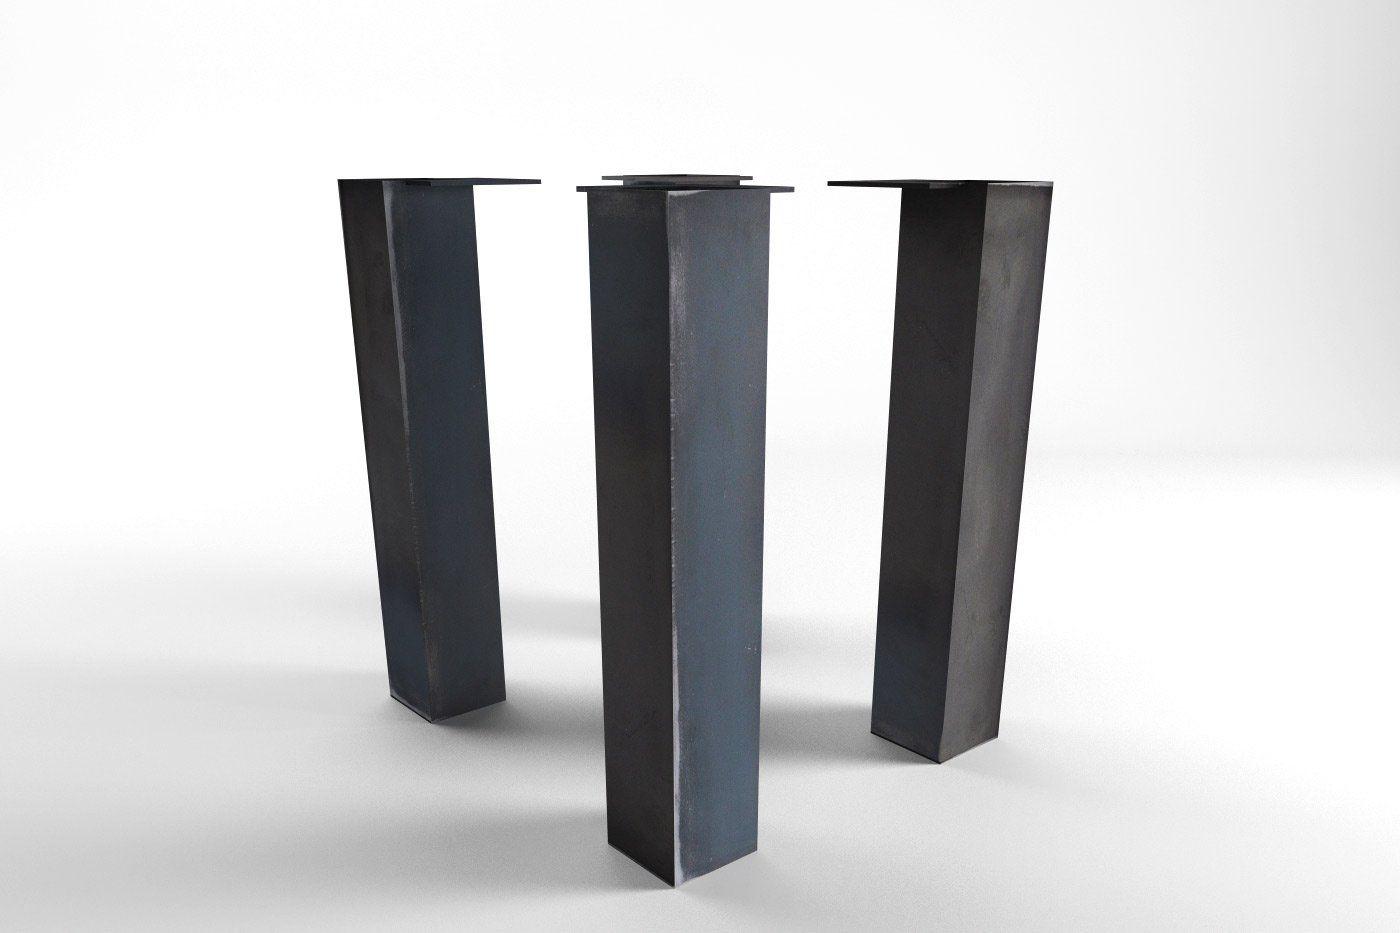 Tischbein Metall Nach Mass Einzeln Tischbeine Metall Tischbeine